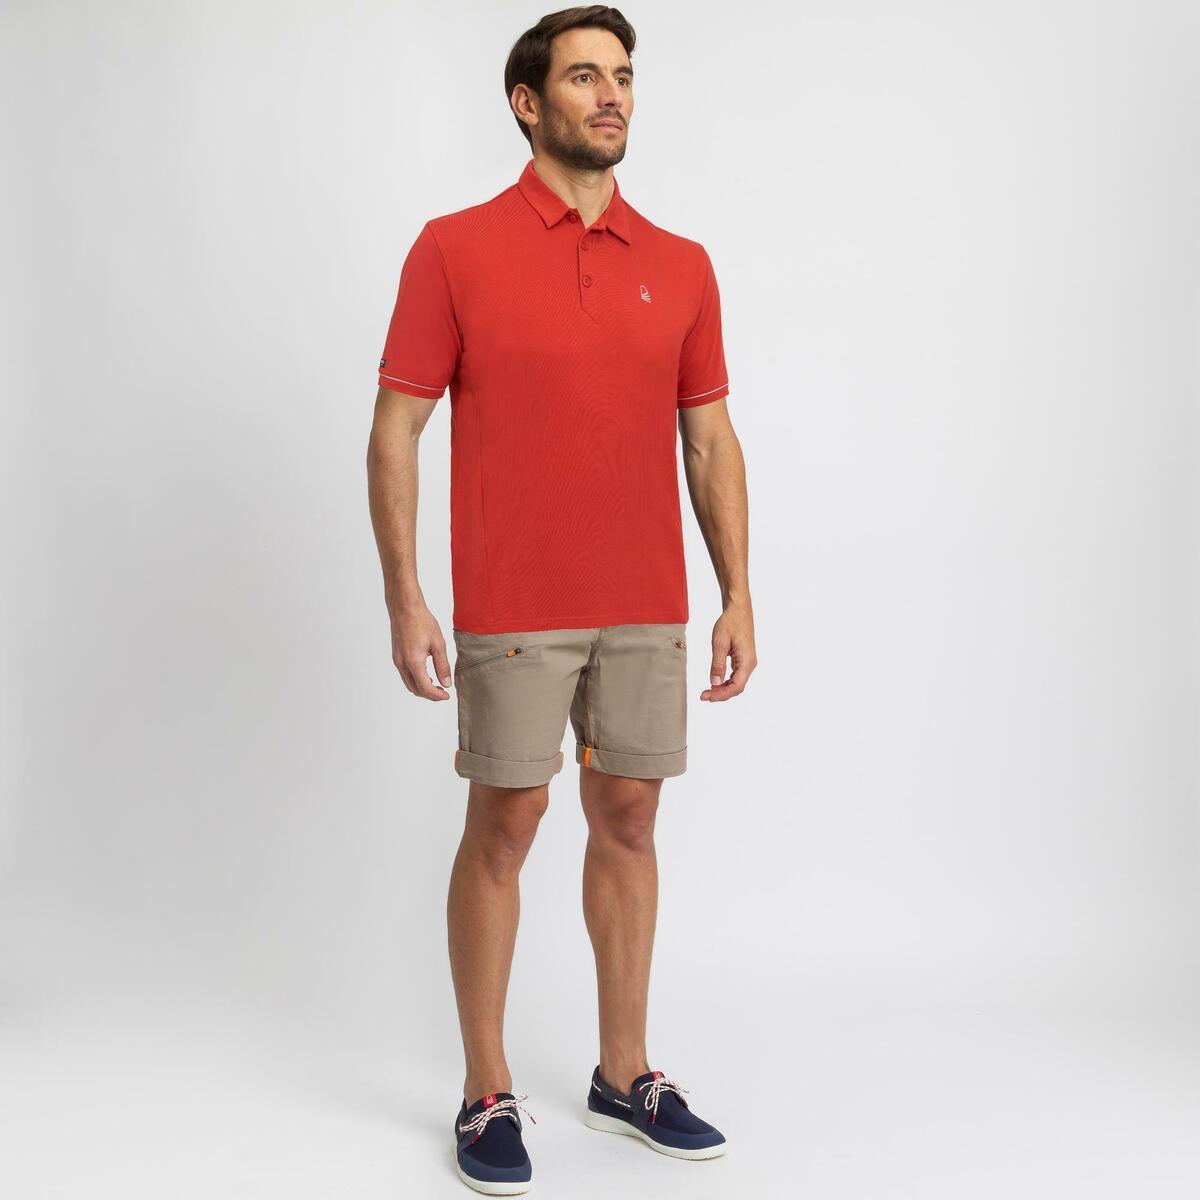 Bild 2 von Poloshirt Segeln kurzarm Sailing 100 Herren rot